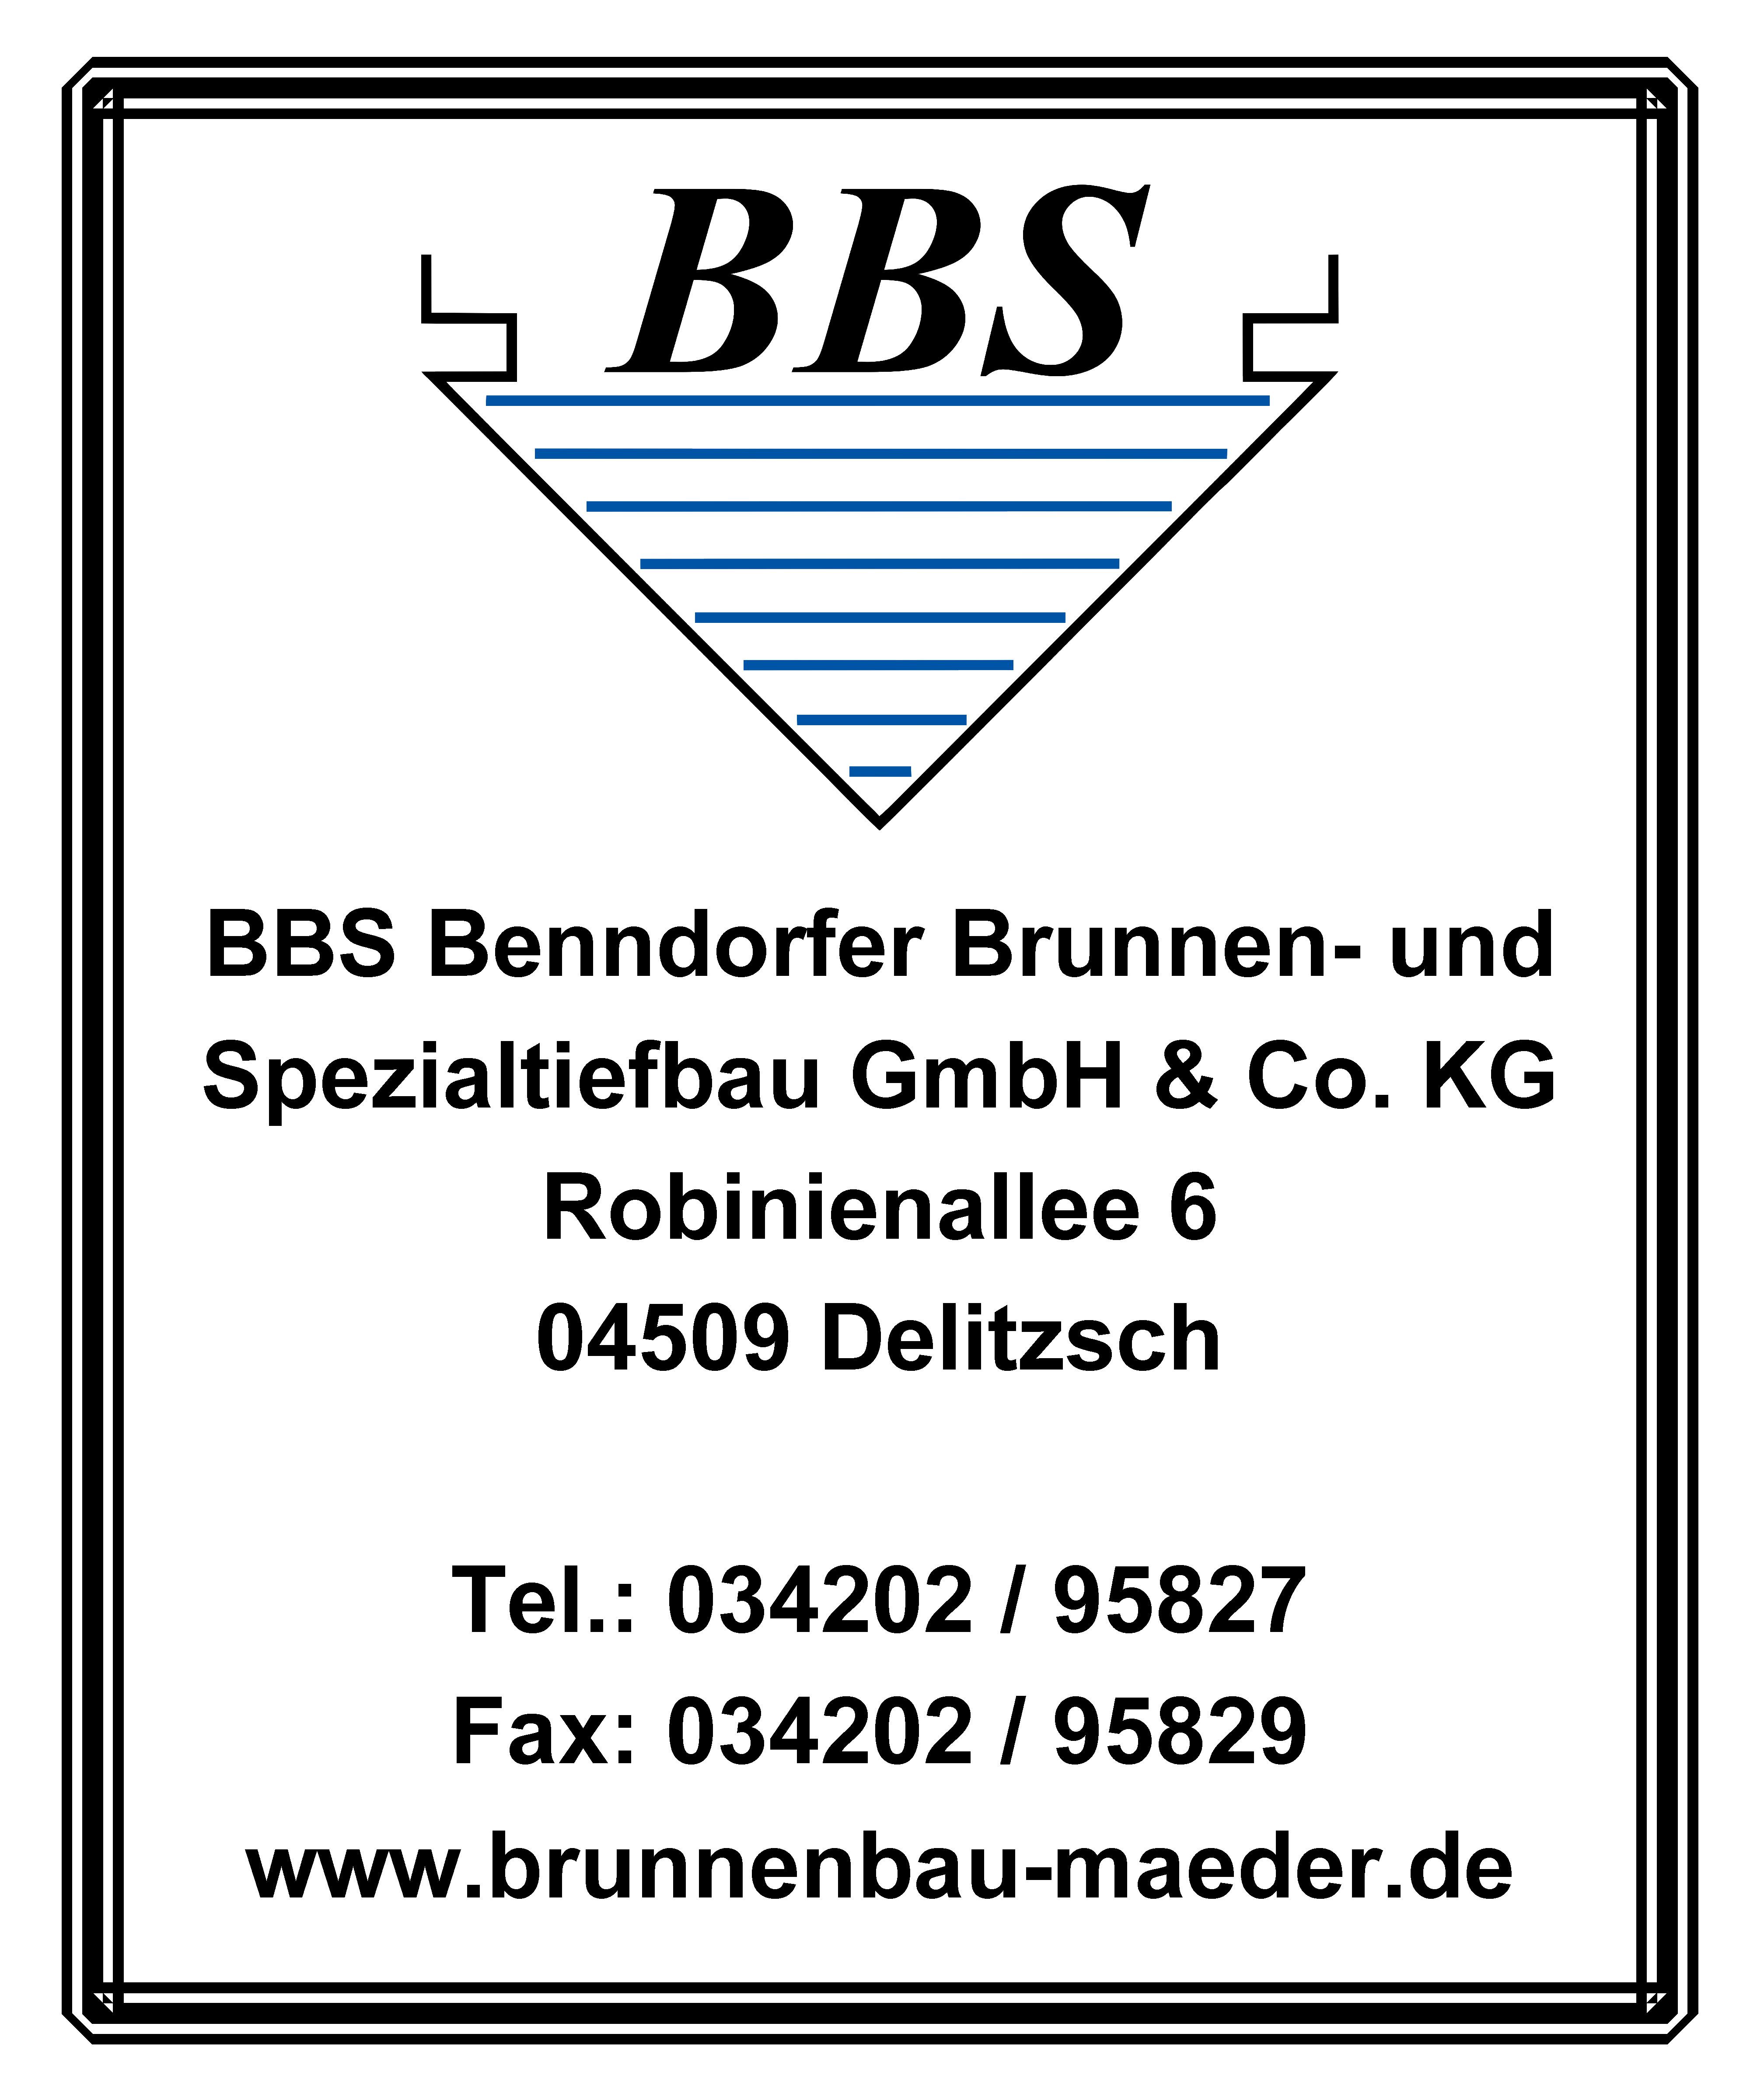 BBS Benndorfer Brunnen- und Spezialtiefbau GmbH & Co. KG förderer des Blasmusikverein Schenkenberg e.V.